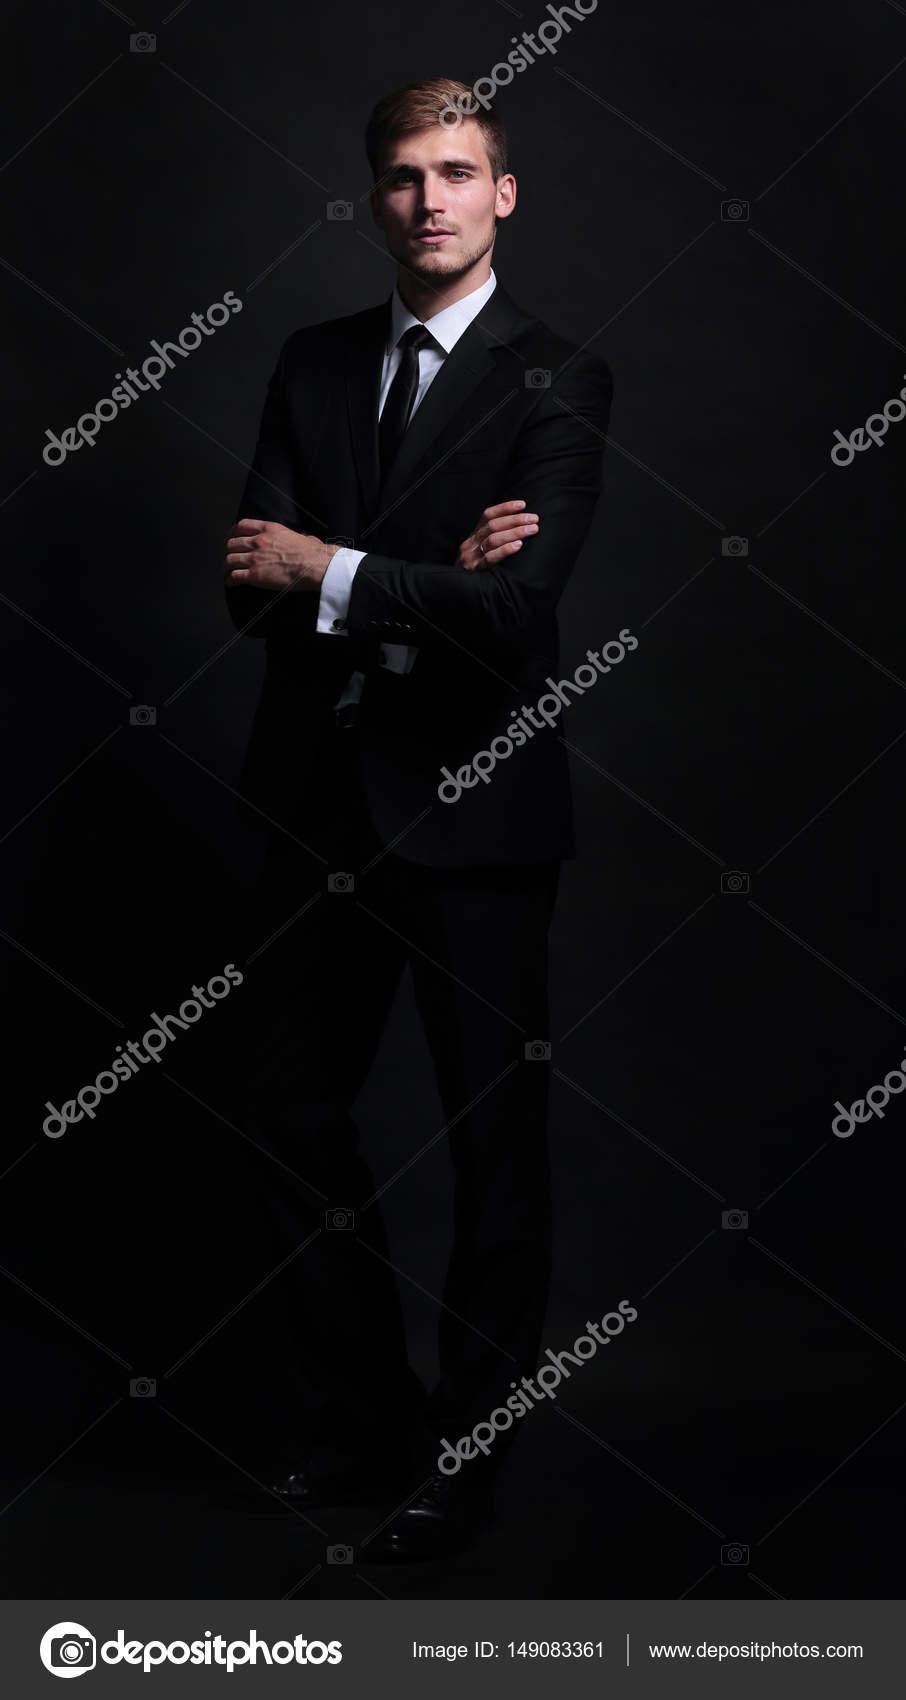 Retrato de cuerpo entero de hombre de negocios con los brazos cruzados  aislados sobre fondo negro — Foto de depositedhar c76471282e0